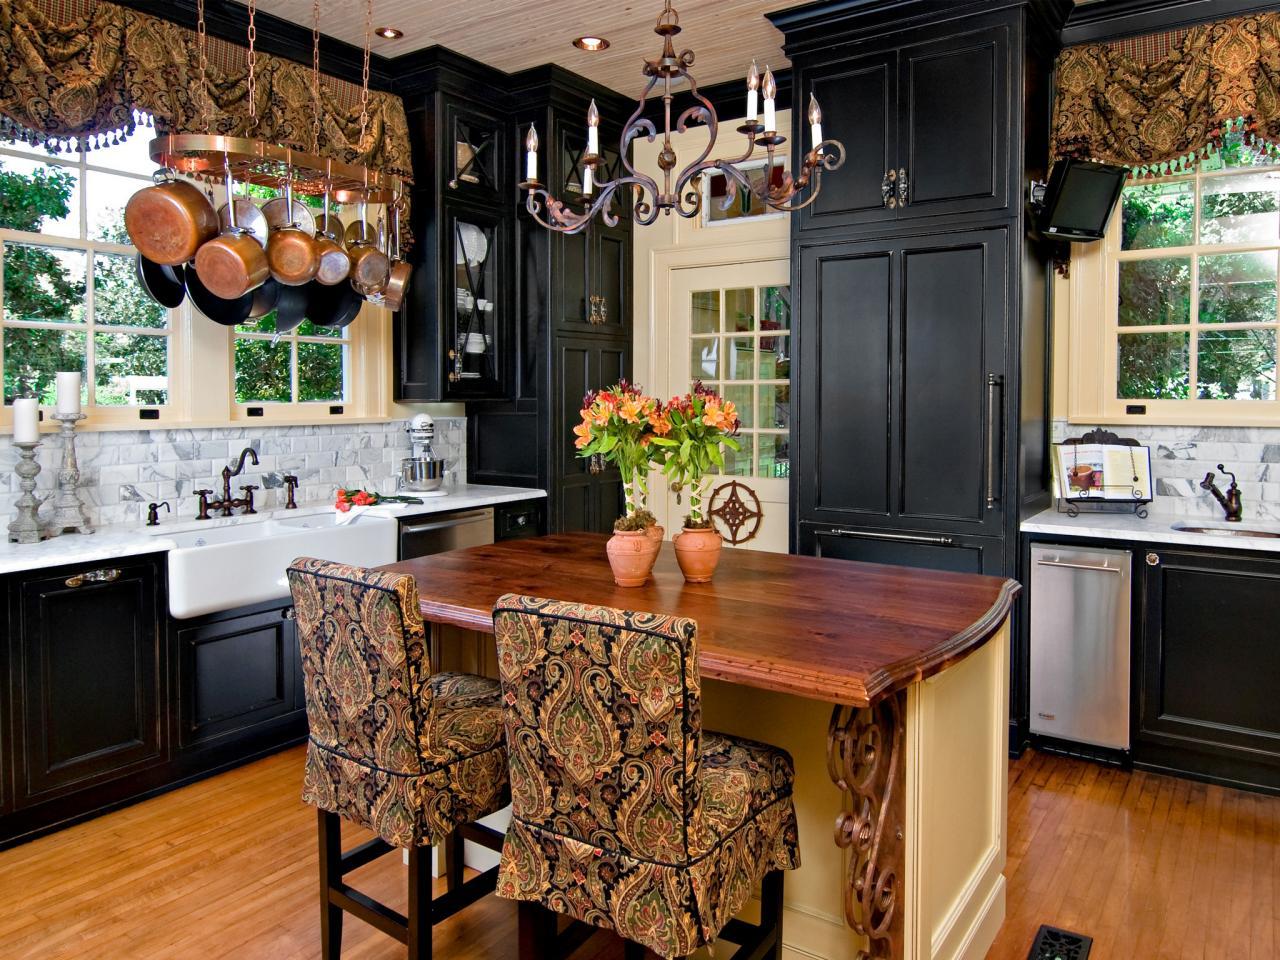 Wallpaper Kitchen Theme Decor Kichan On A Budget Cheap ...